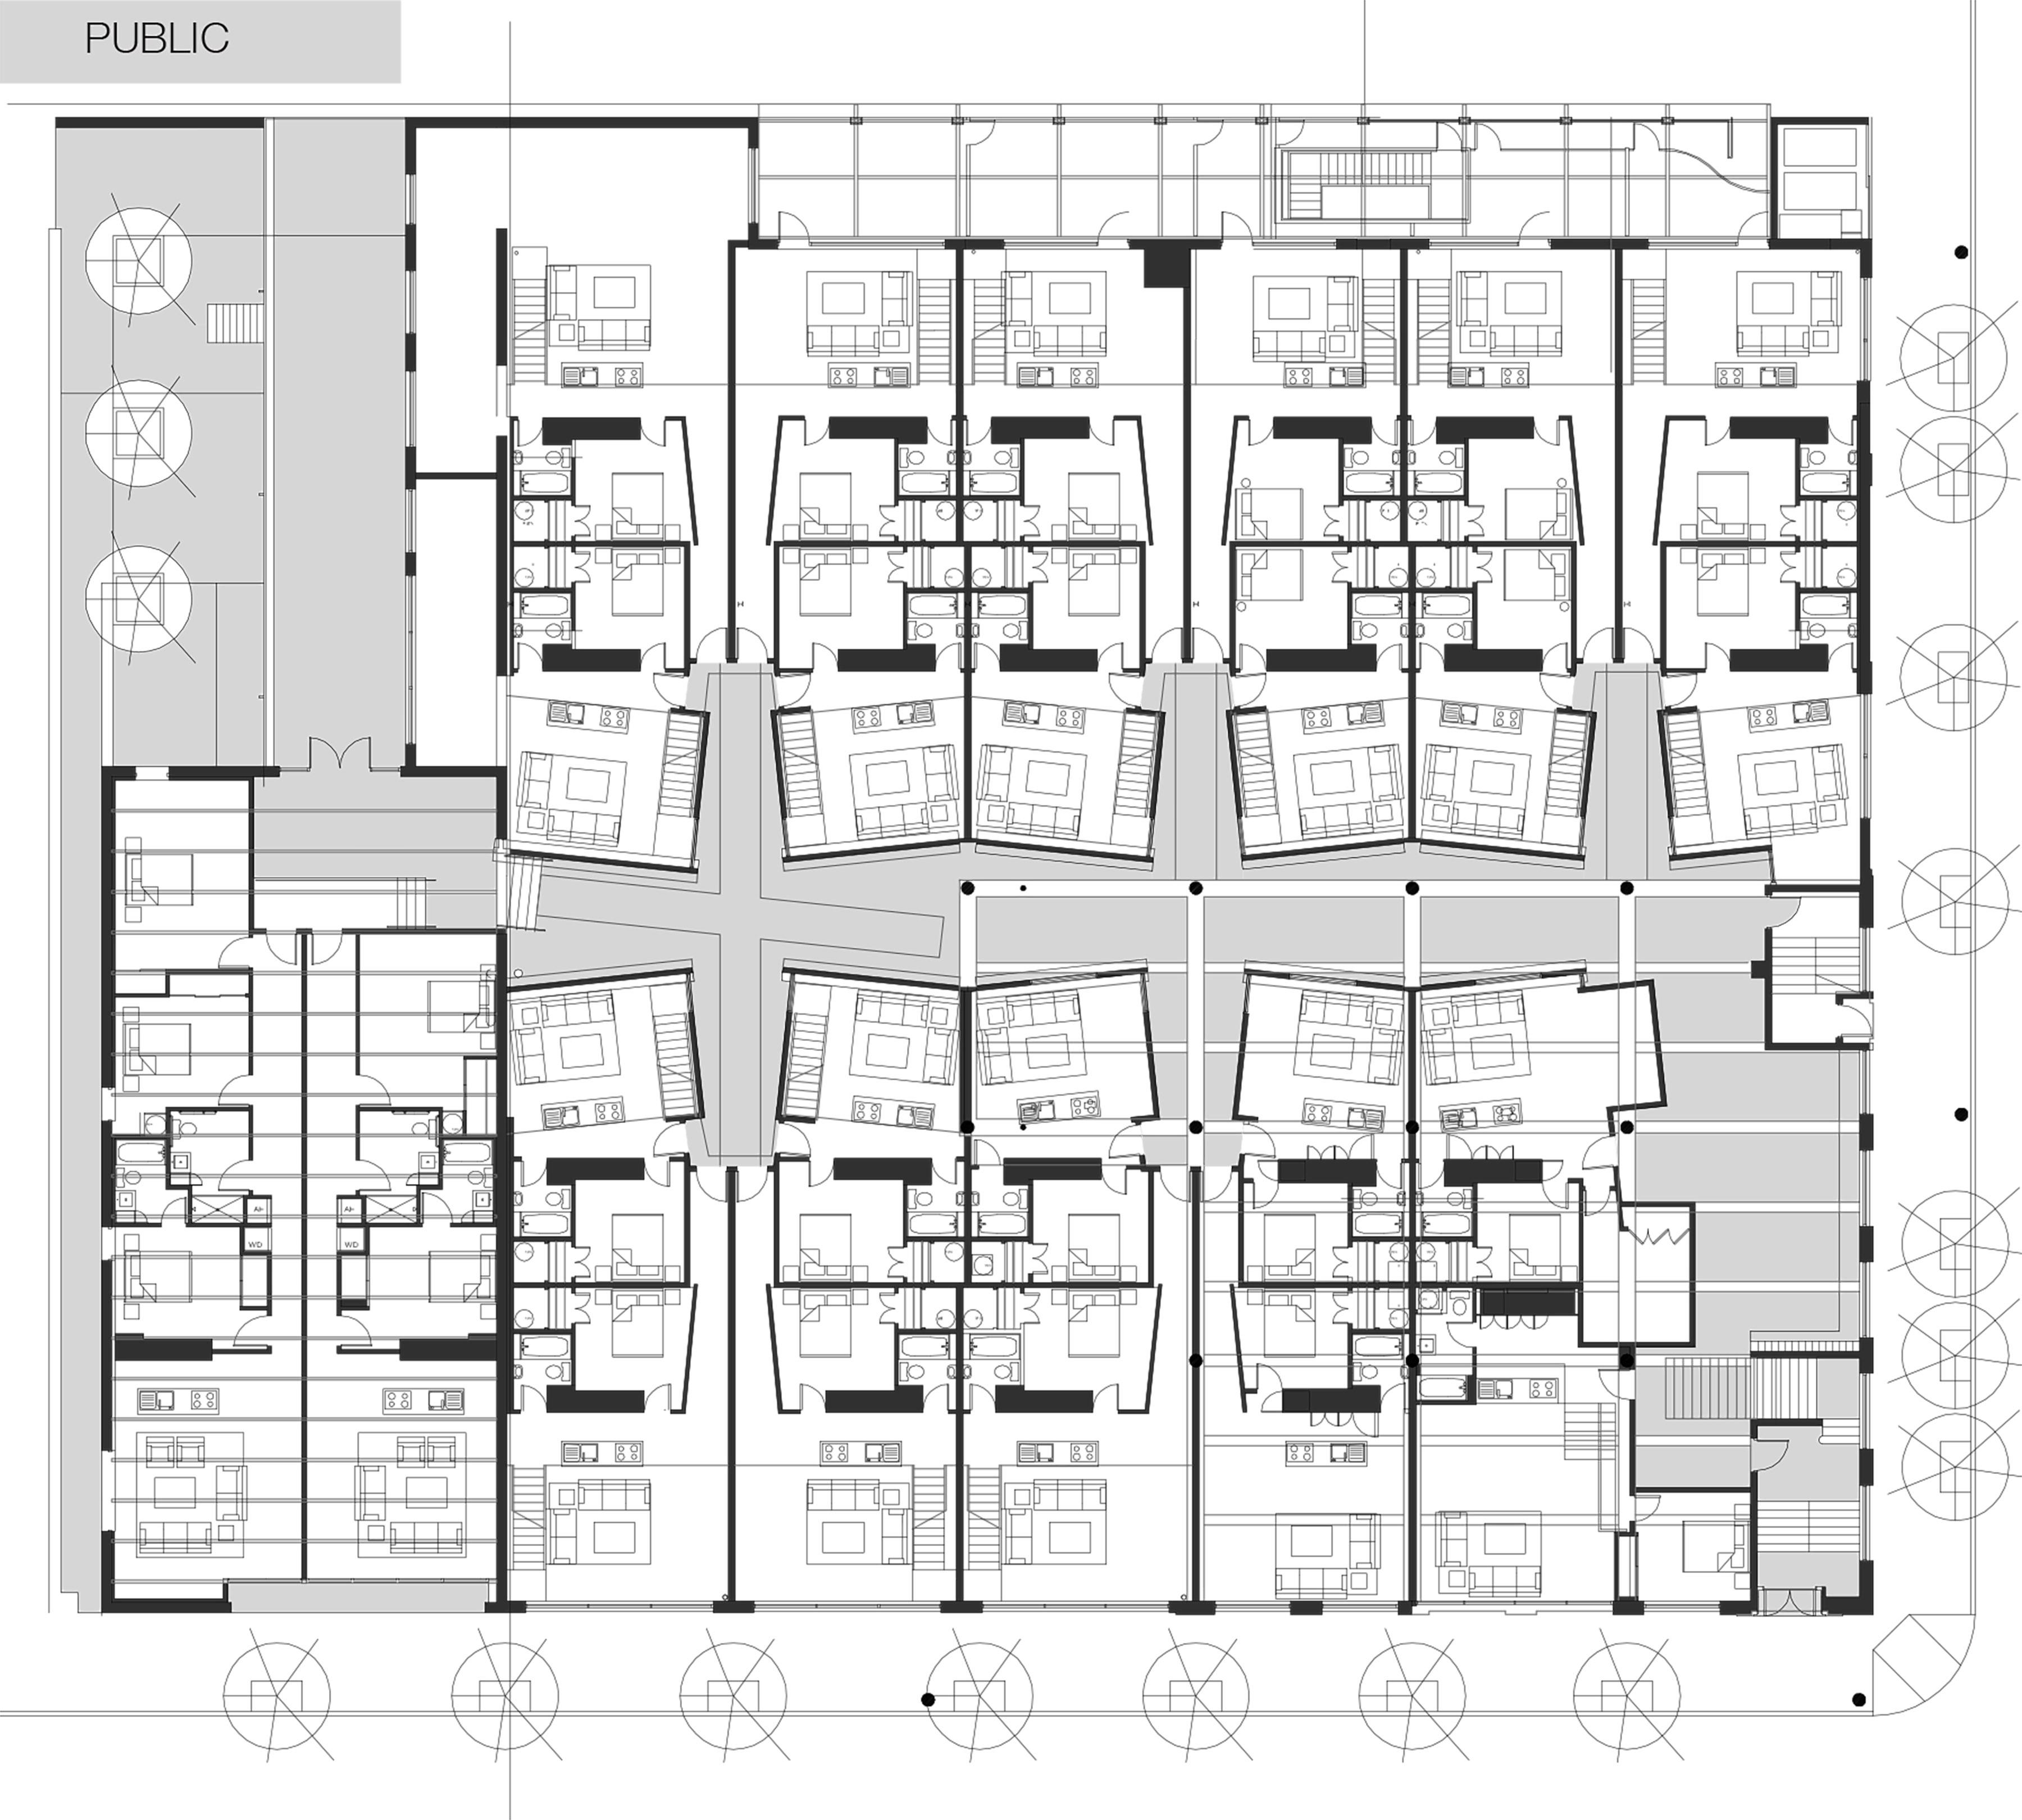 1620 Altamont Floor Plan